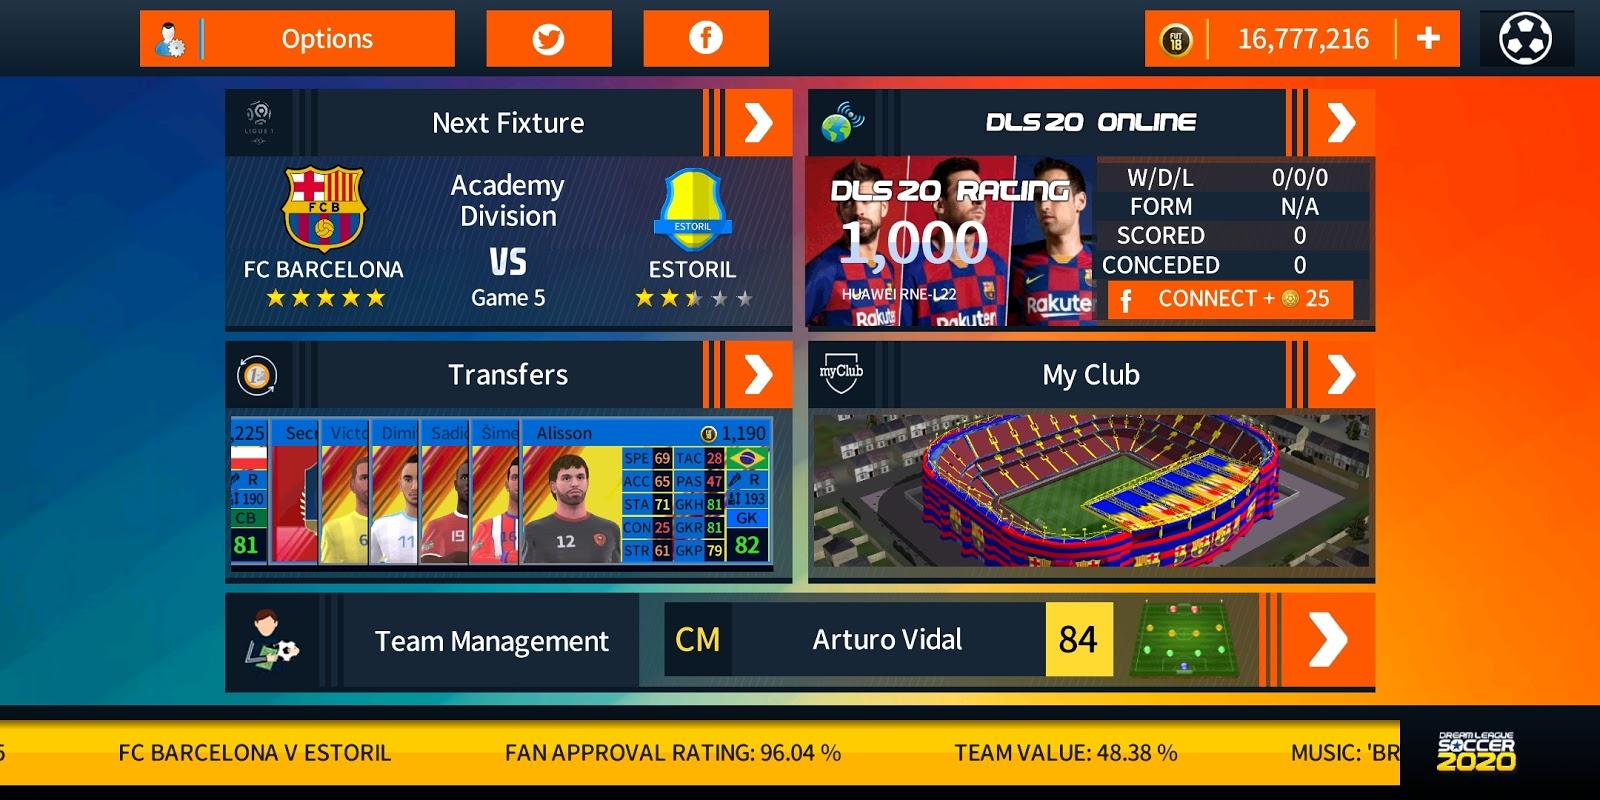 Dream League Soccer 2020 FC Barcelona Edition Apk + Data +